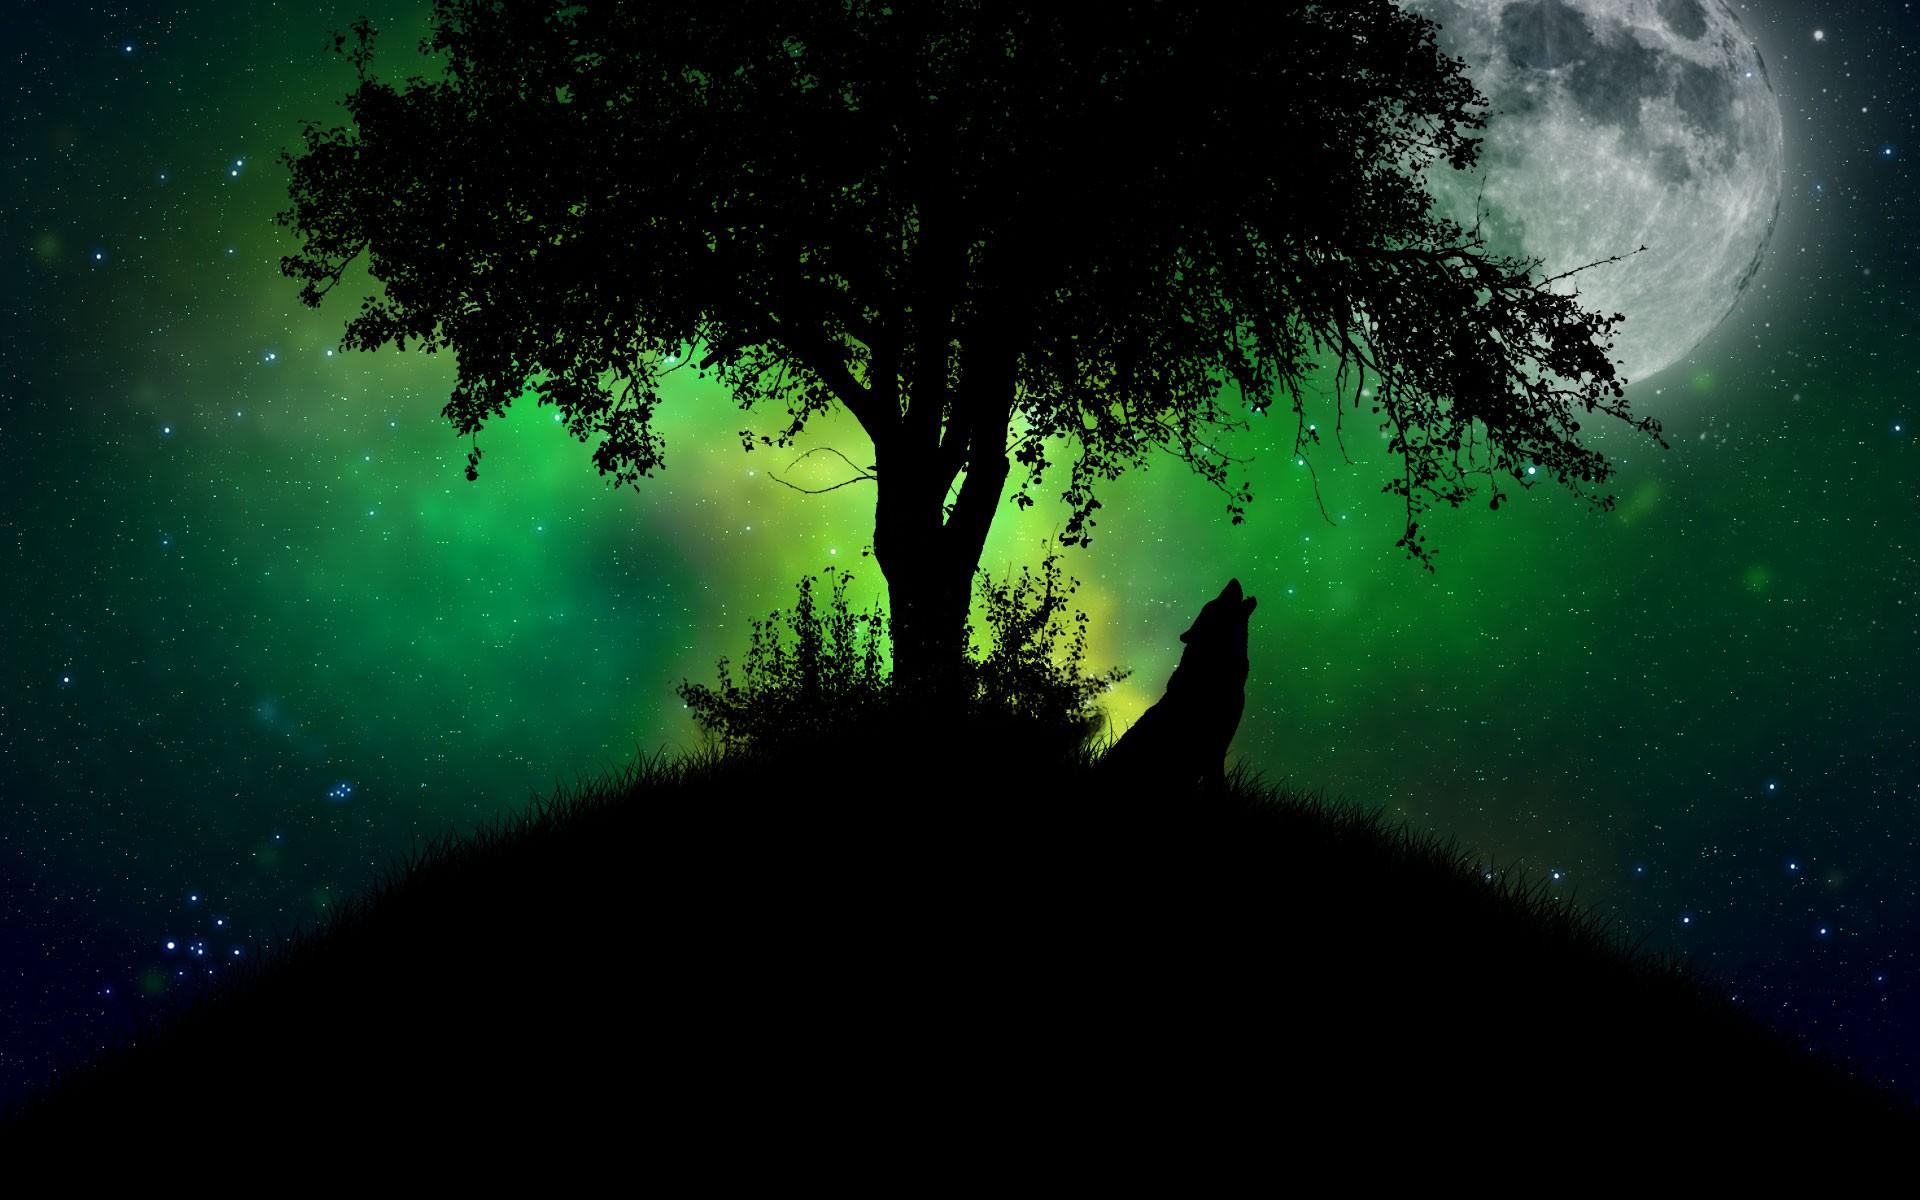 mystical night quotes